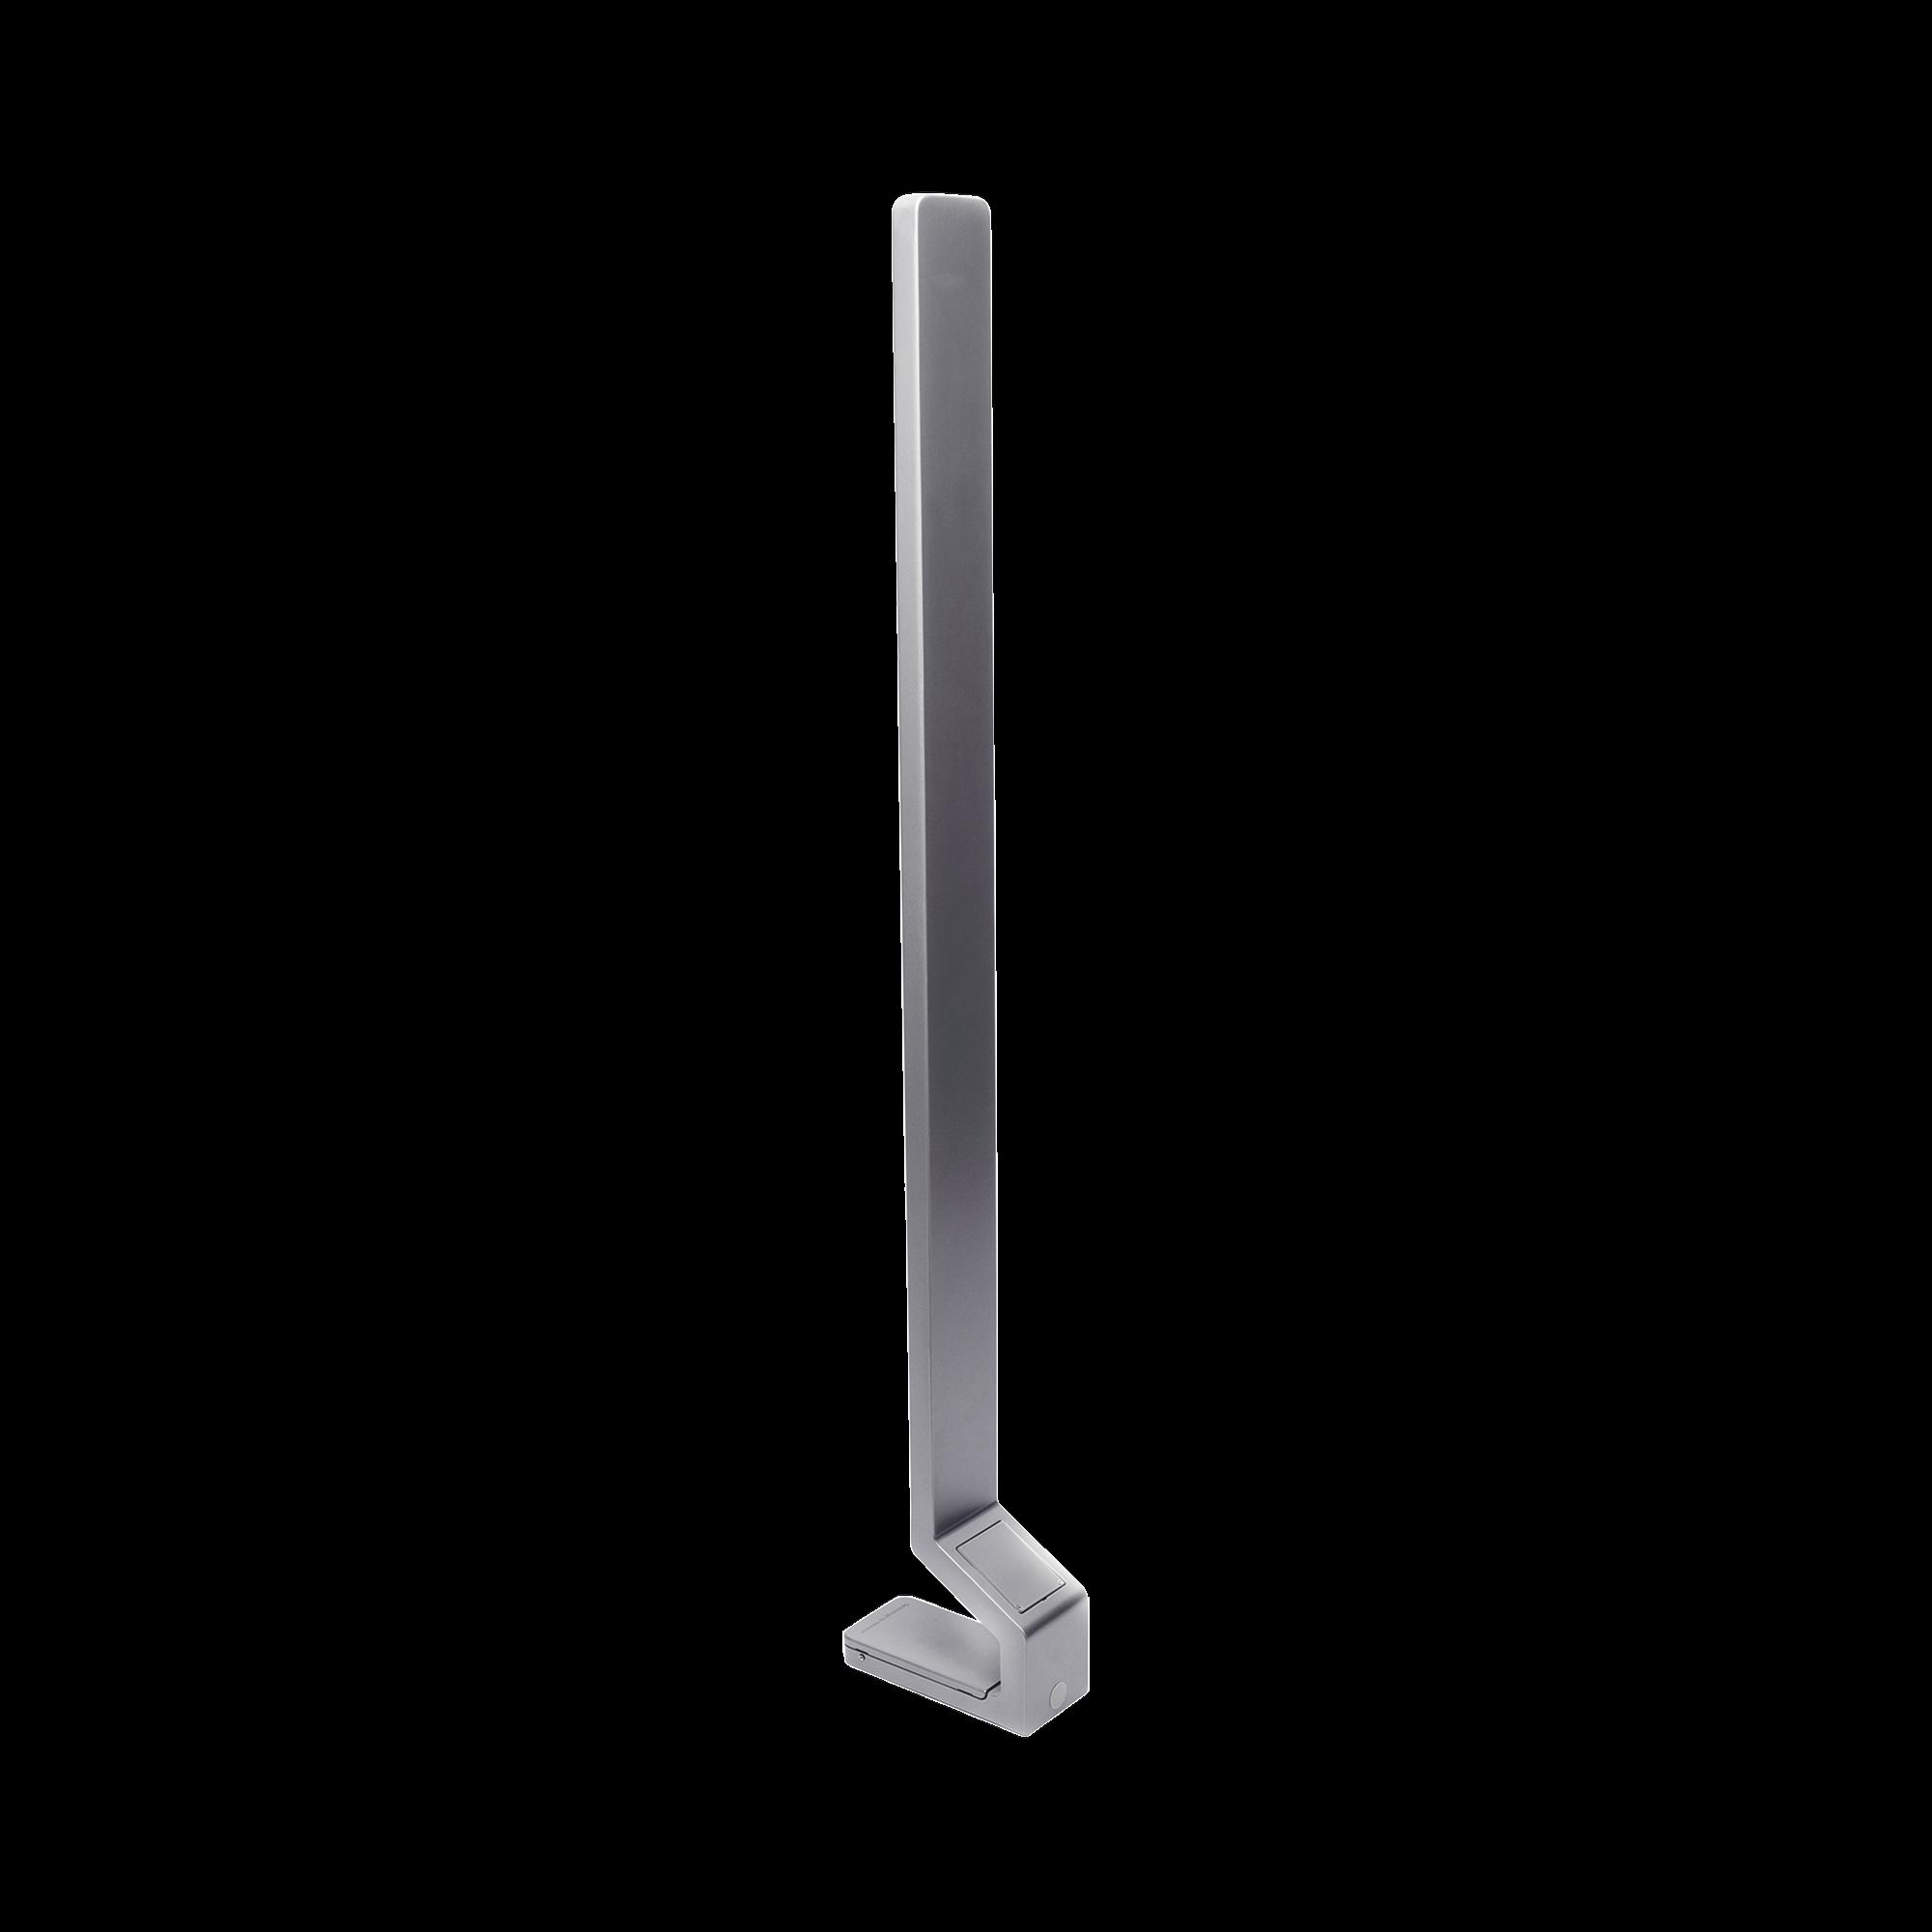 Pedestal de Piso para Lectores de Rostro HIKVISION de la serie DS-K1T607 y DS-K1T671 - También Compatible con Biometricos Termicos Industriales